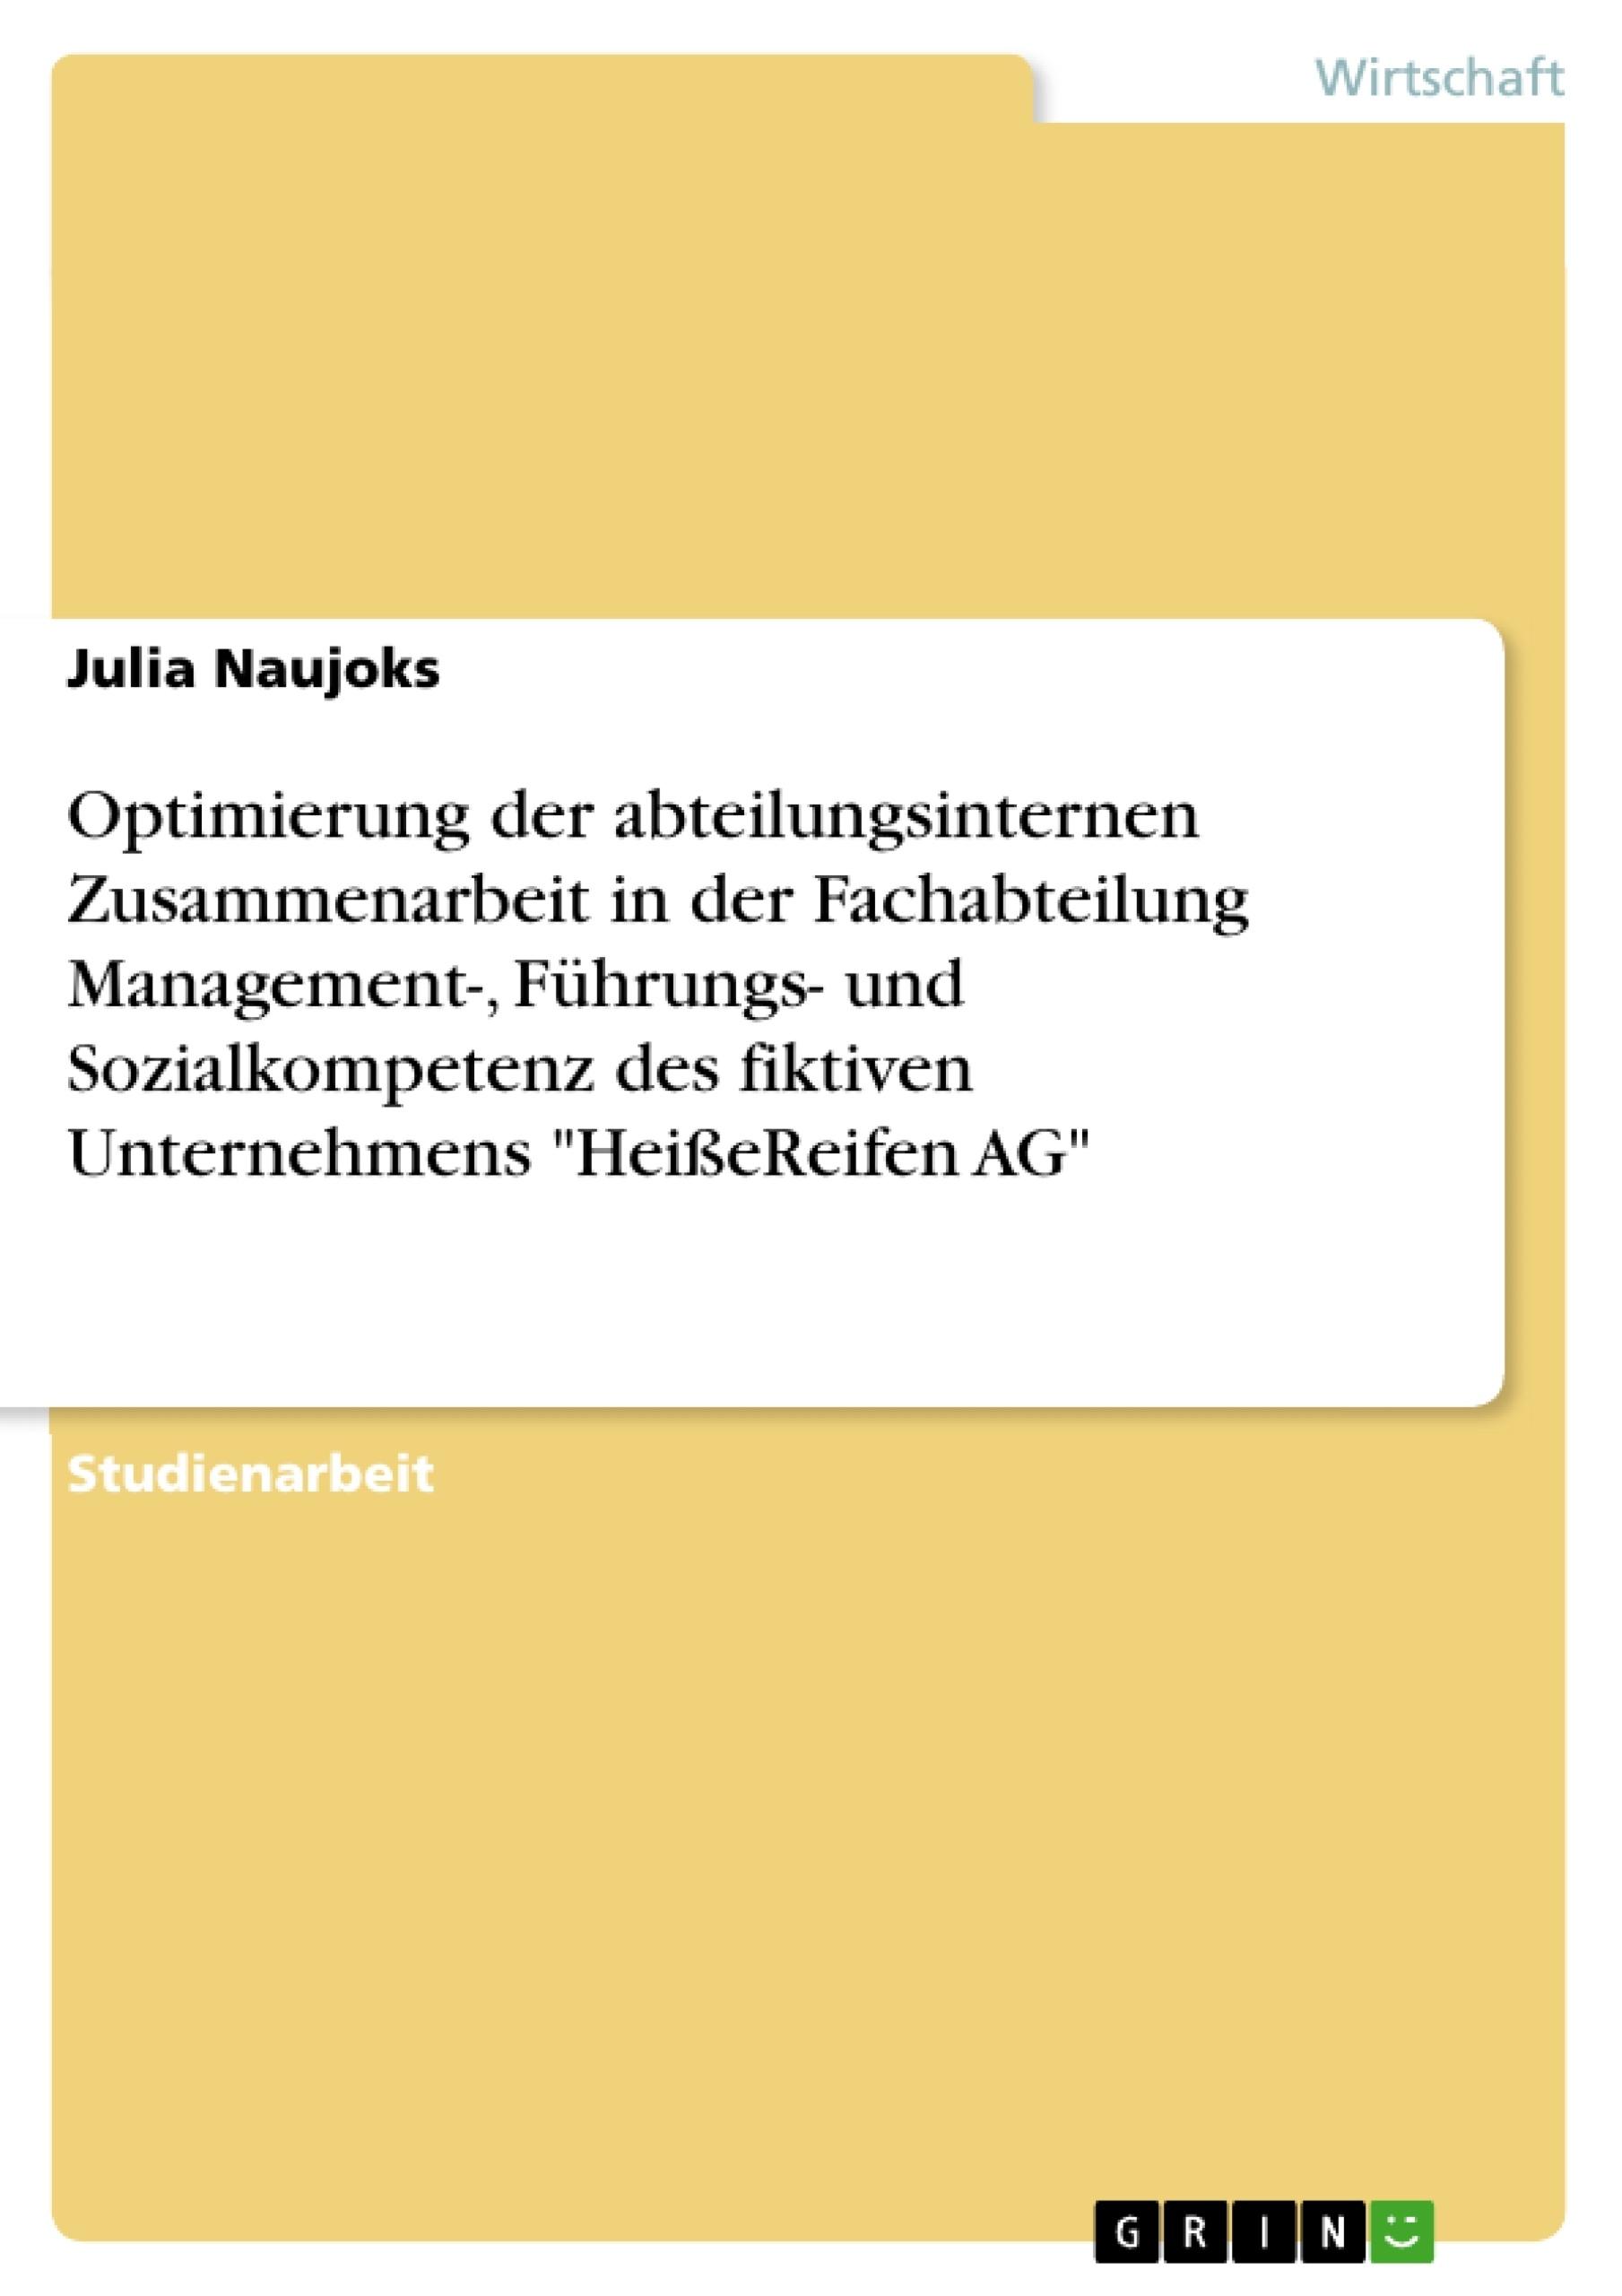 """Titel: Optimierung der abteilungsinternen Zusammenarbeit in der Fachabteilung Management-, Führungs- und Sozialkompetenz des fiktiven Unternehmens """"HeißeReifen AG"""""""